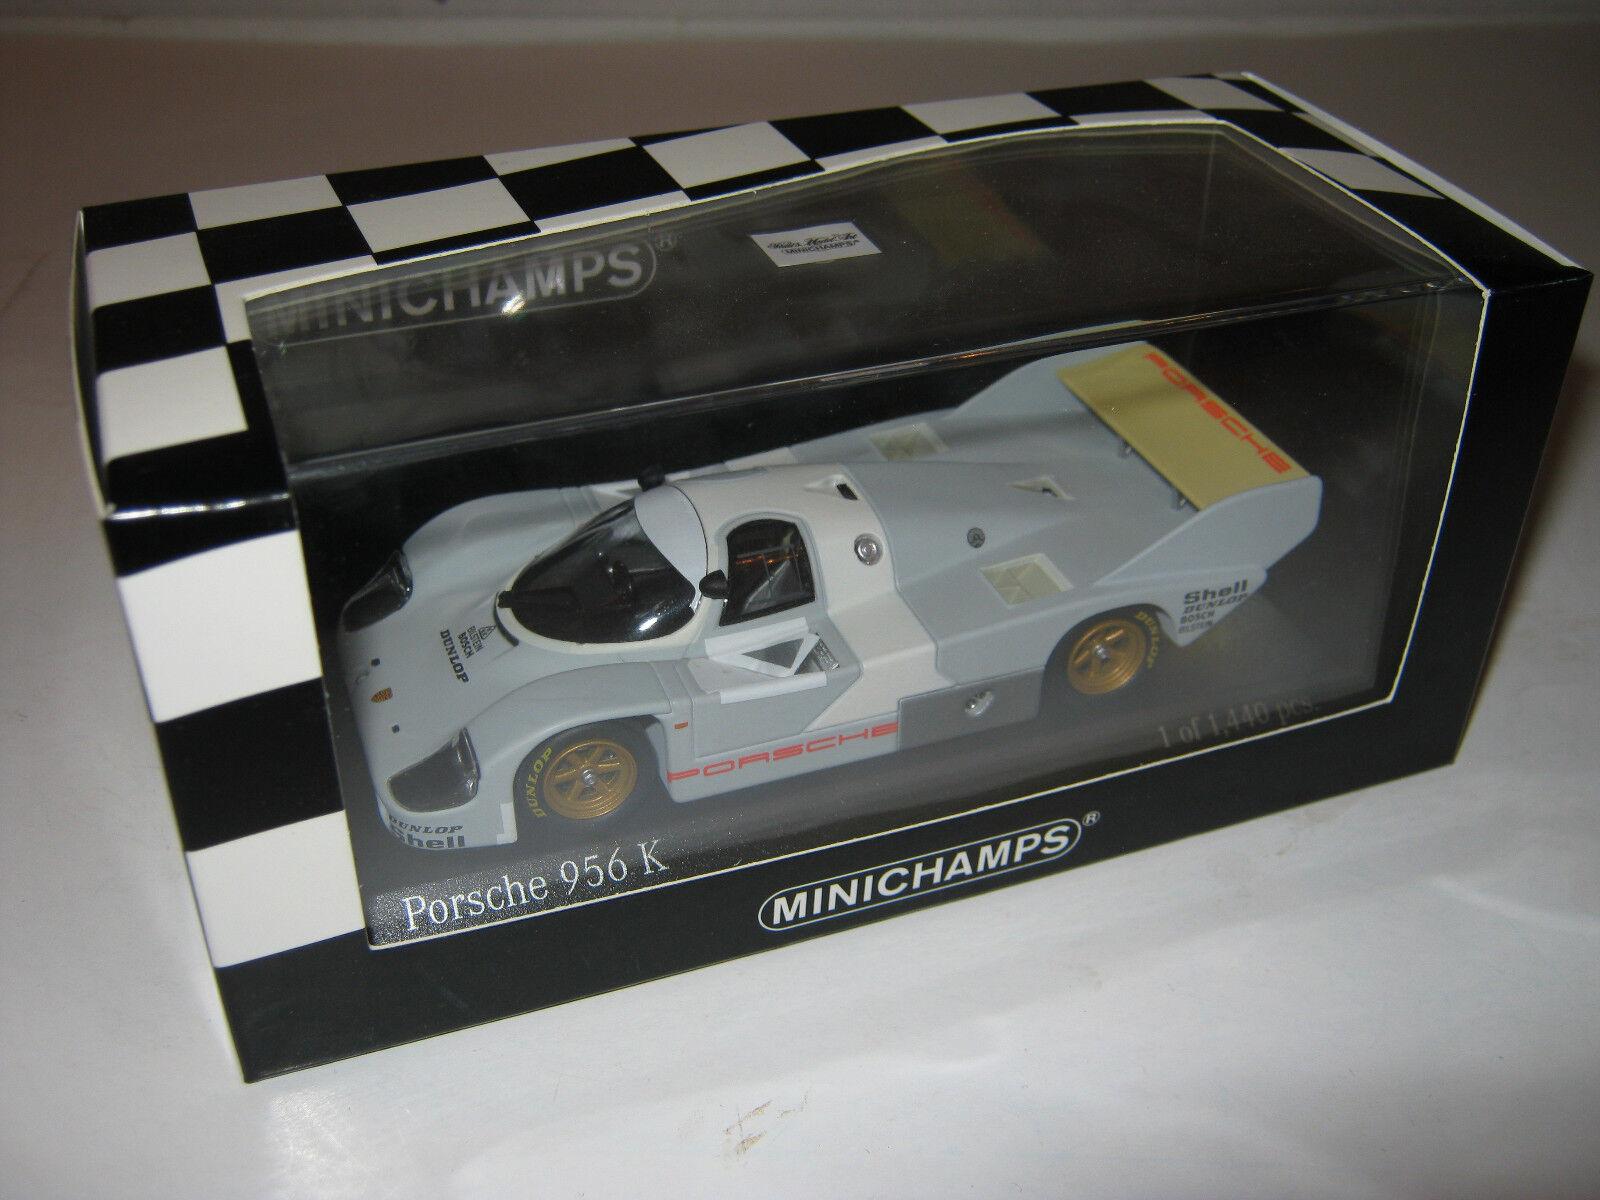 1 43 PORSCHE 956k Test Paul Ricard 1982 1 of 1440 MINICHAMPS 400826700 neuf dans sa boîte New